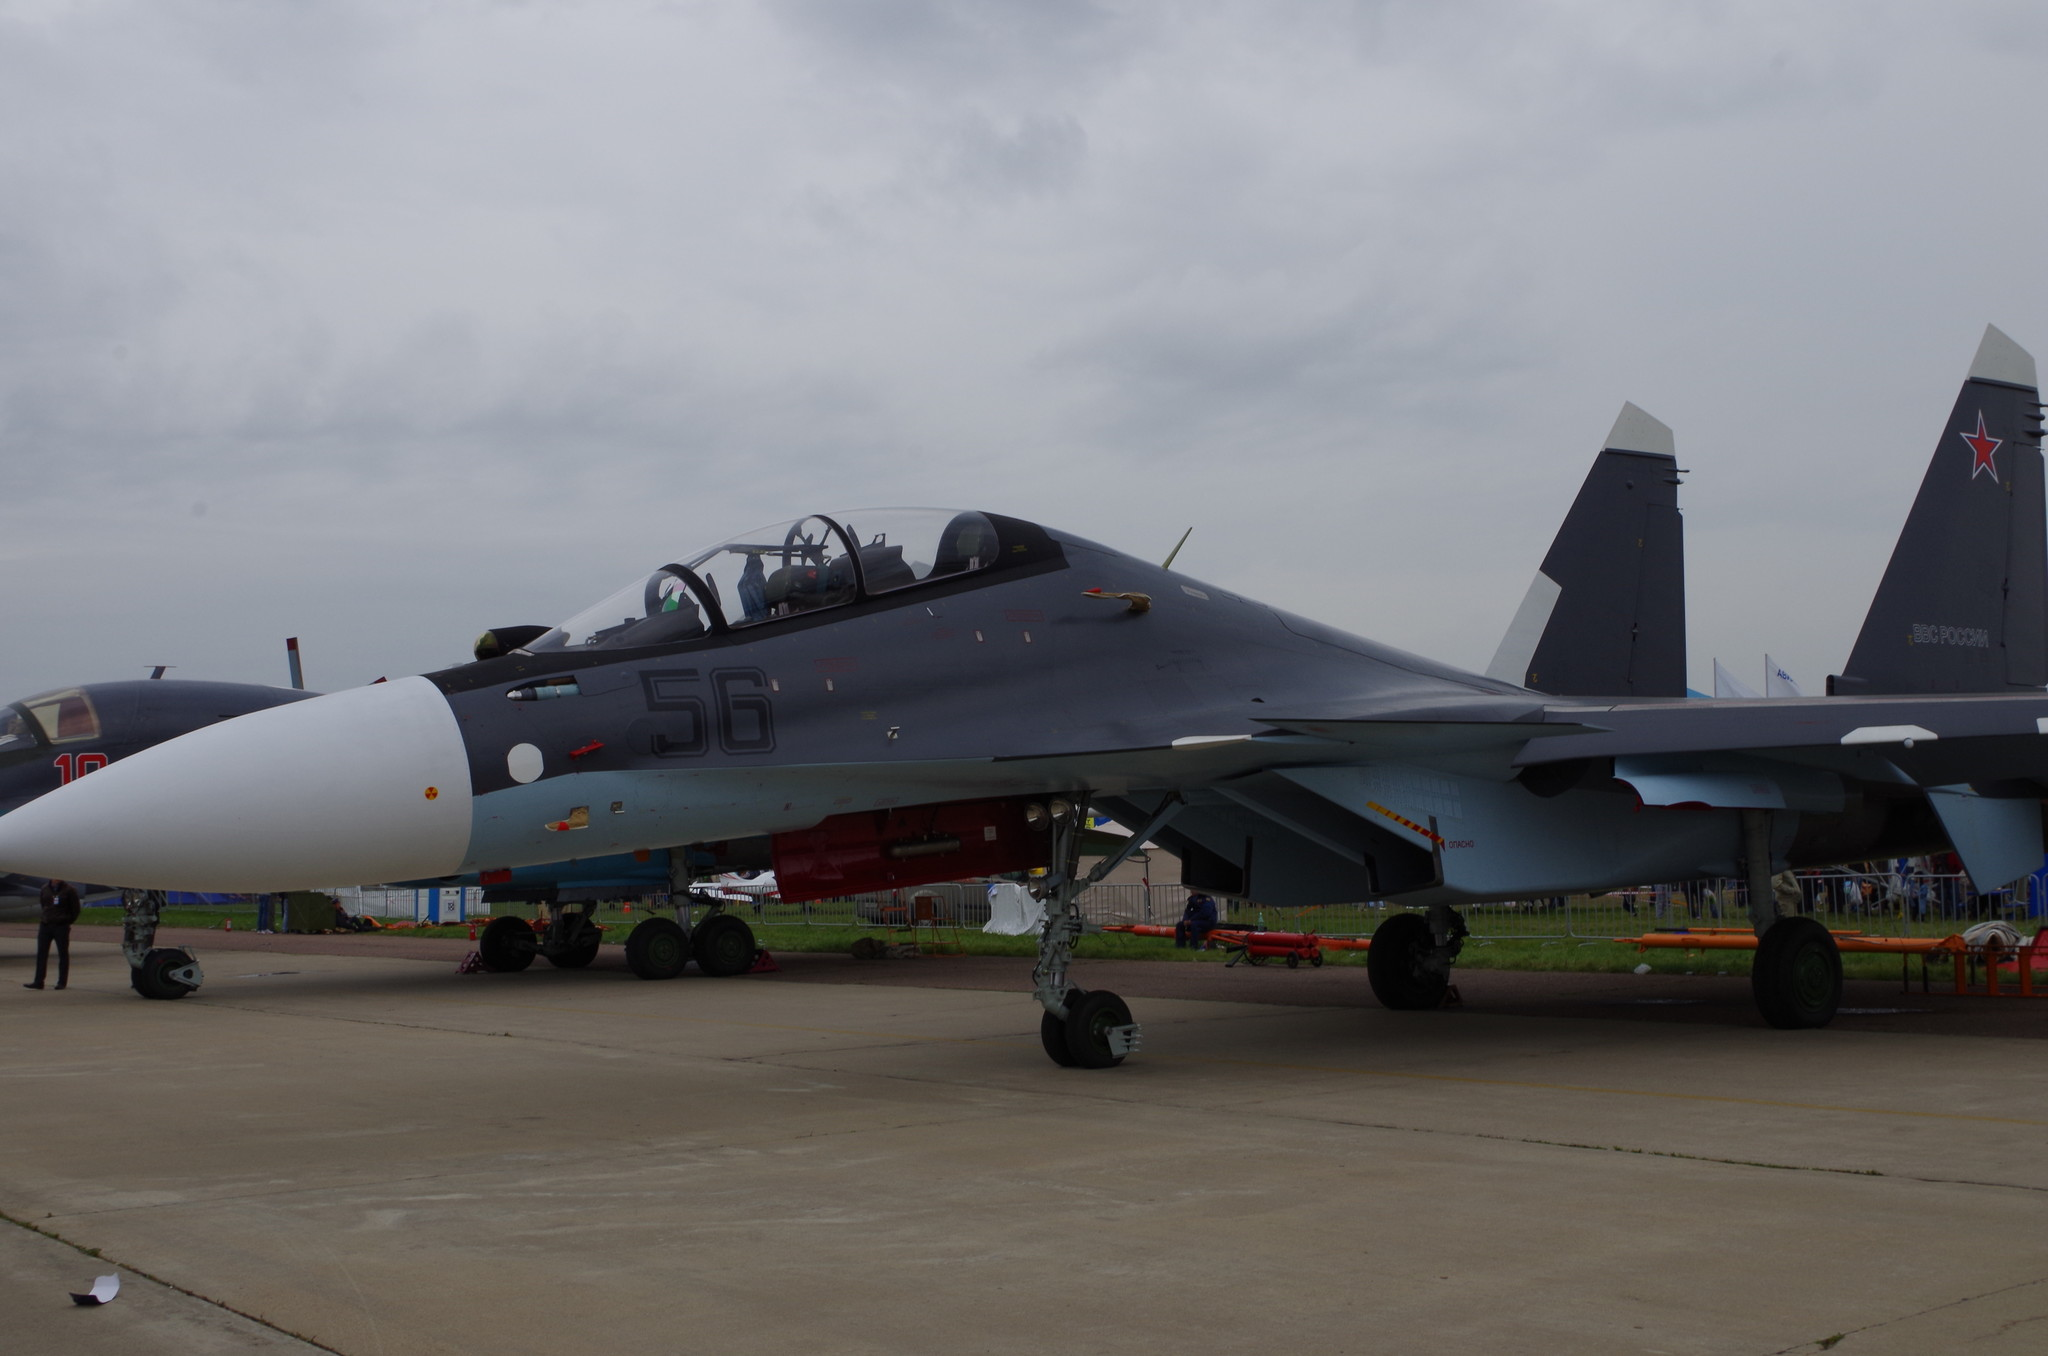 Многоцелевой двухместный истребитель Су-30СМ